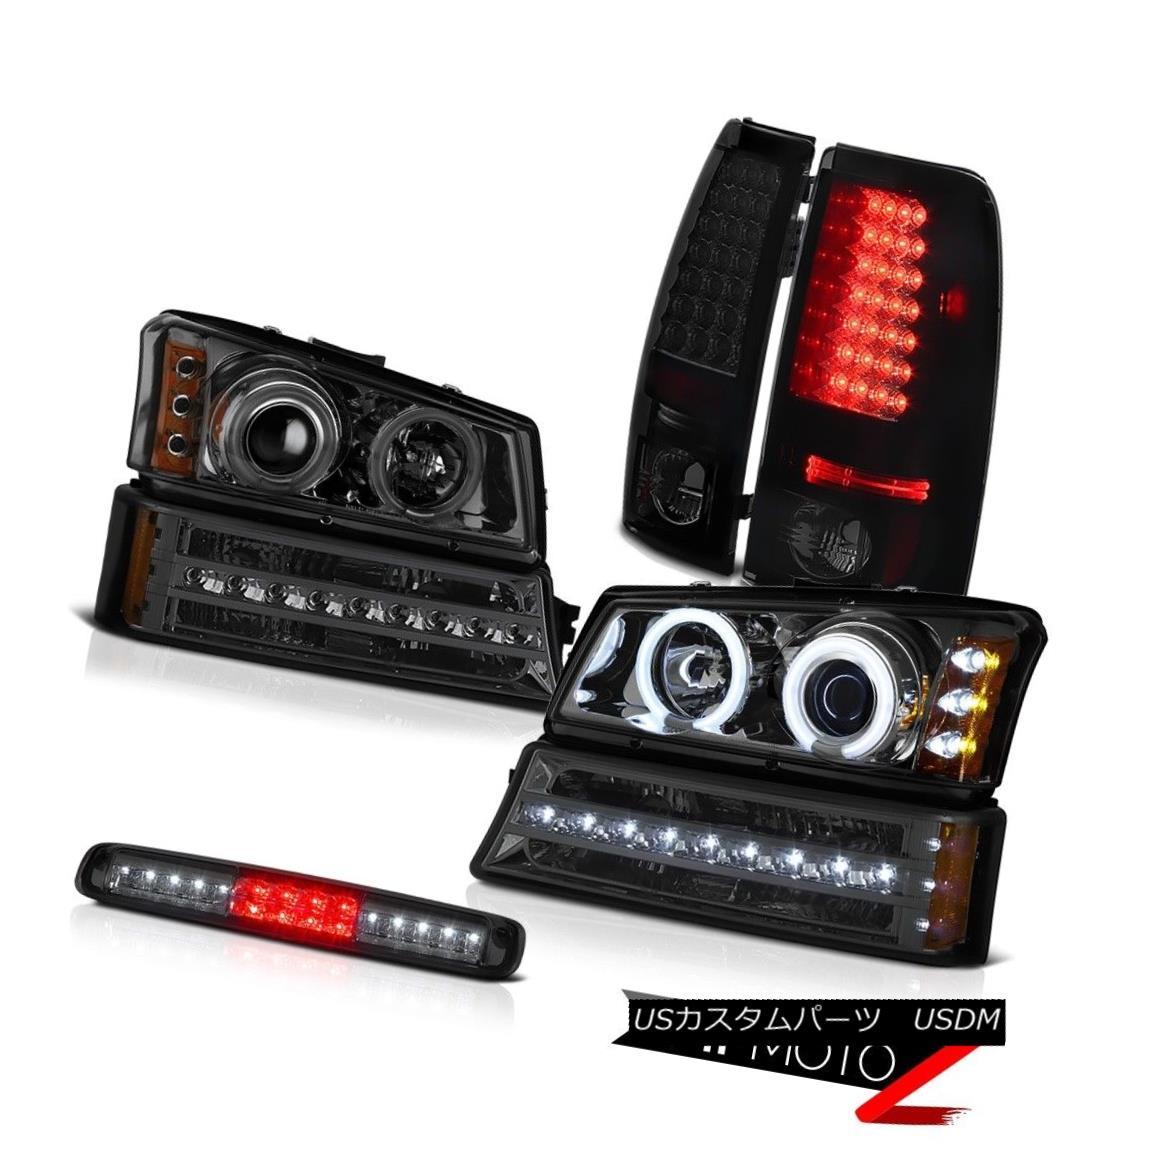 ヘッドライト 03-06 Chevy Silverado Smoked Third Brake Light Turn Signal Headlights Tail Lamps 03-06 Chevy Silveradoスモーク第3ブレーキライトターンシグナルヘッドライトテールランプ